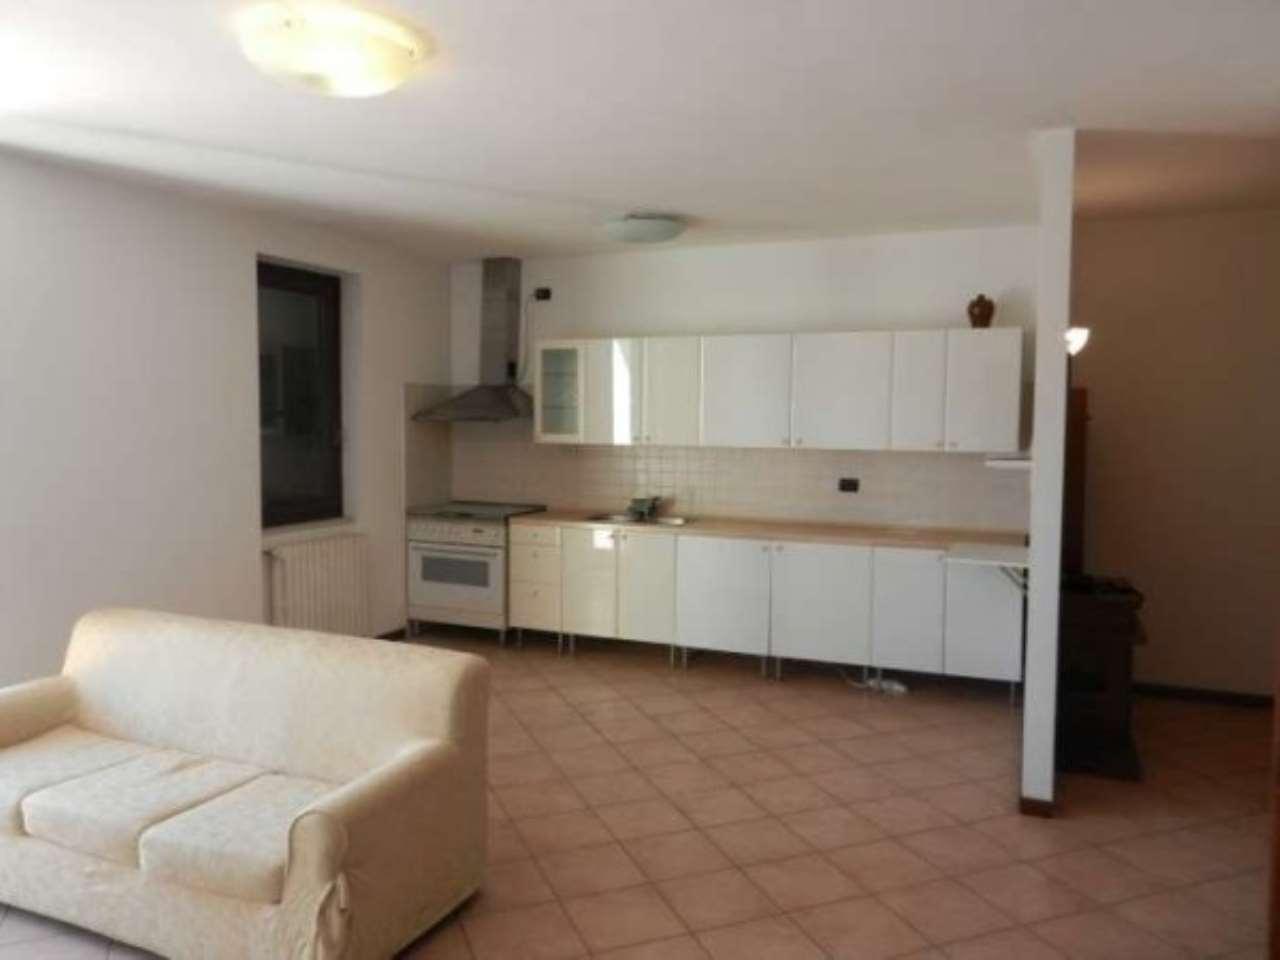 Appartamento in vendita a Prevalle, 3 locali, prezzo € 125.000 | Cambio Casa.it